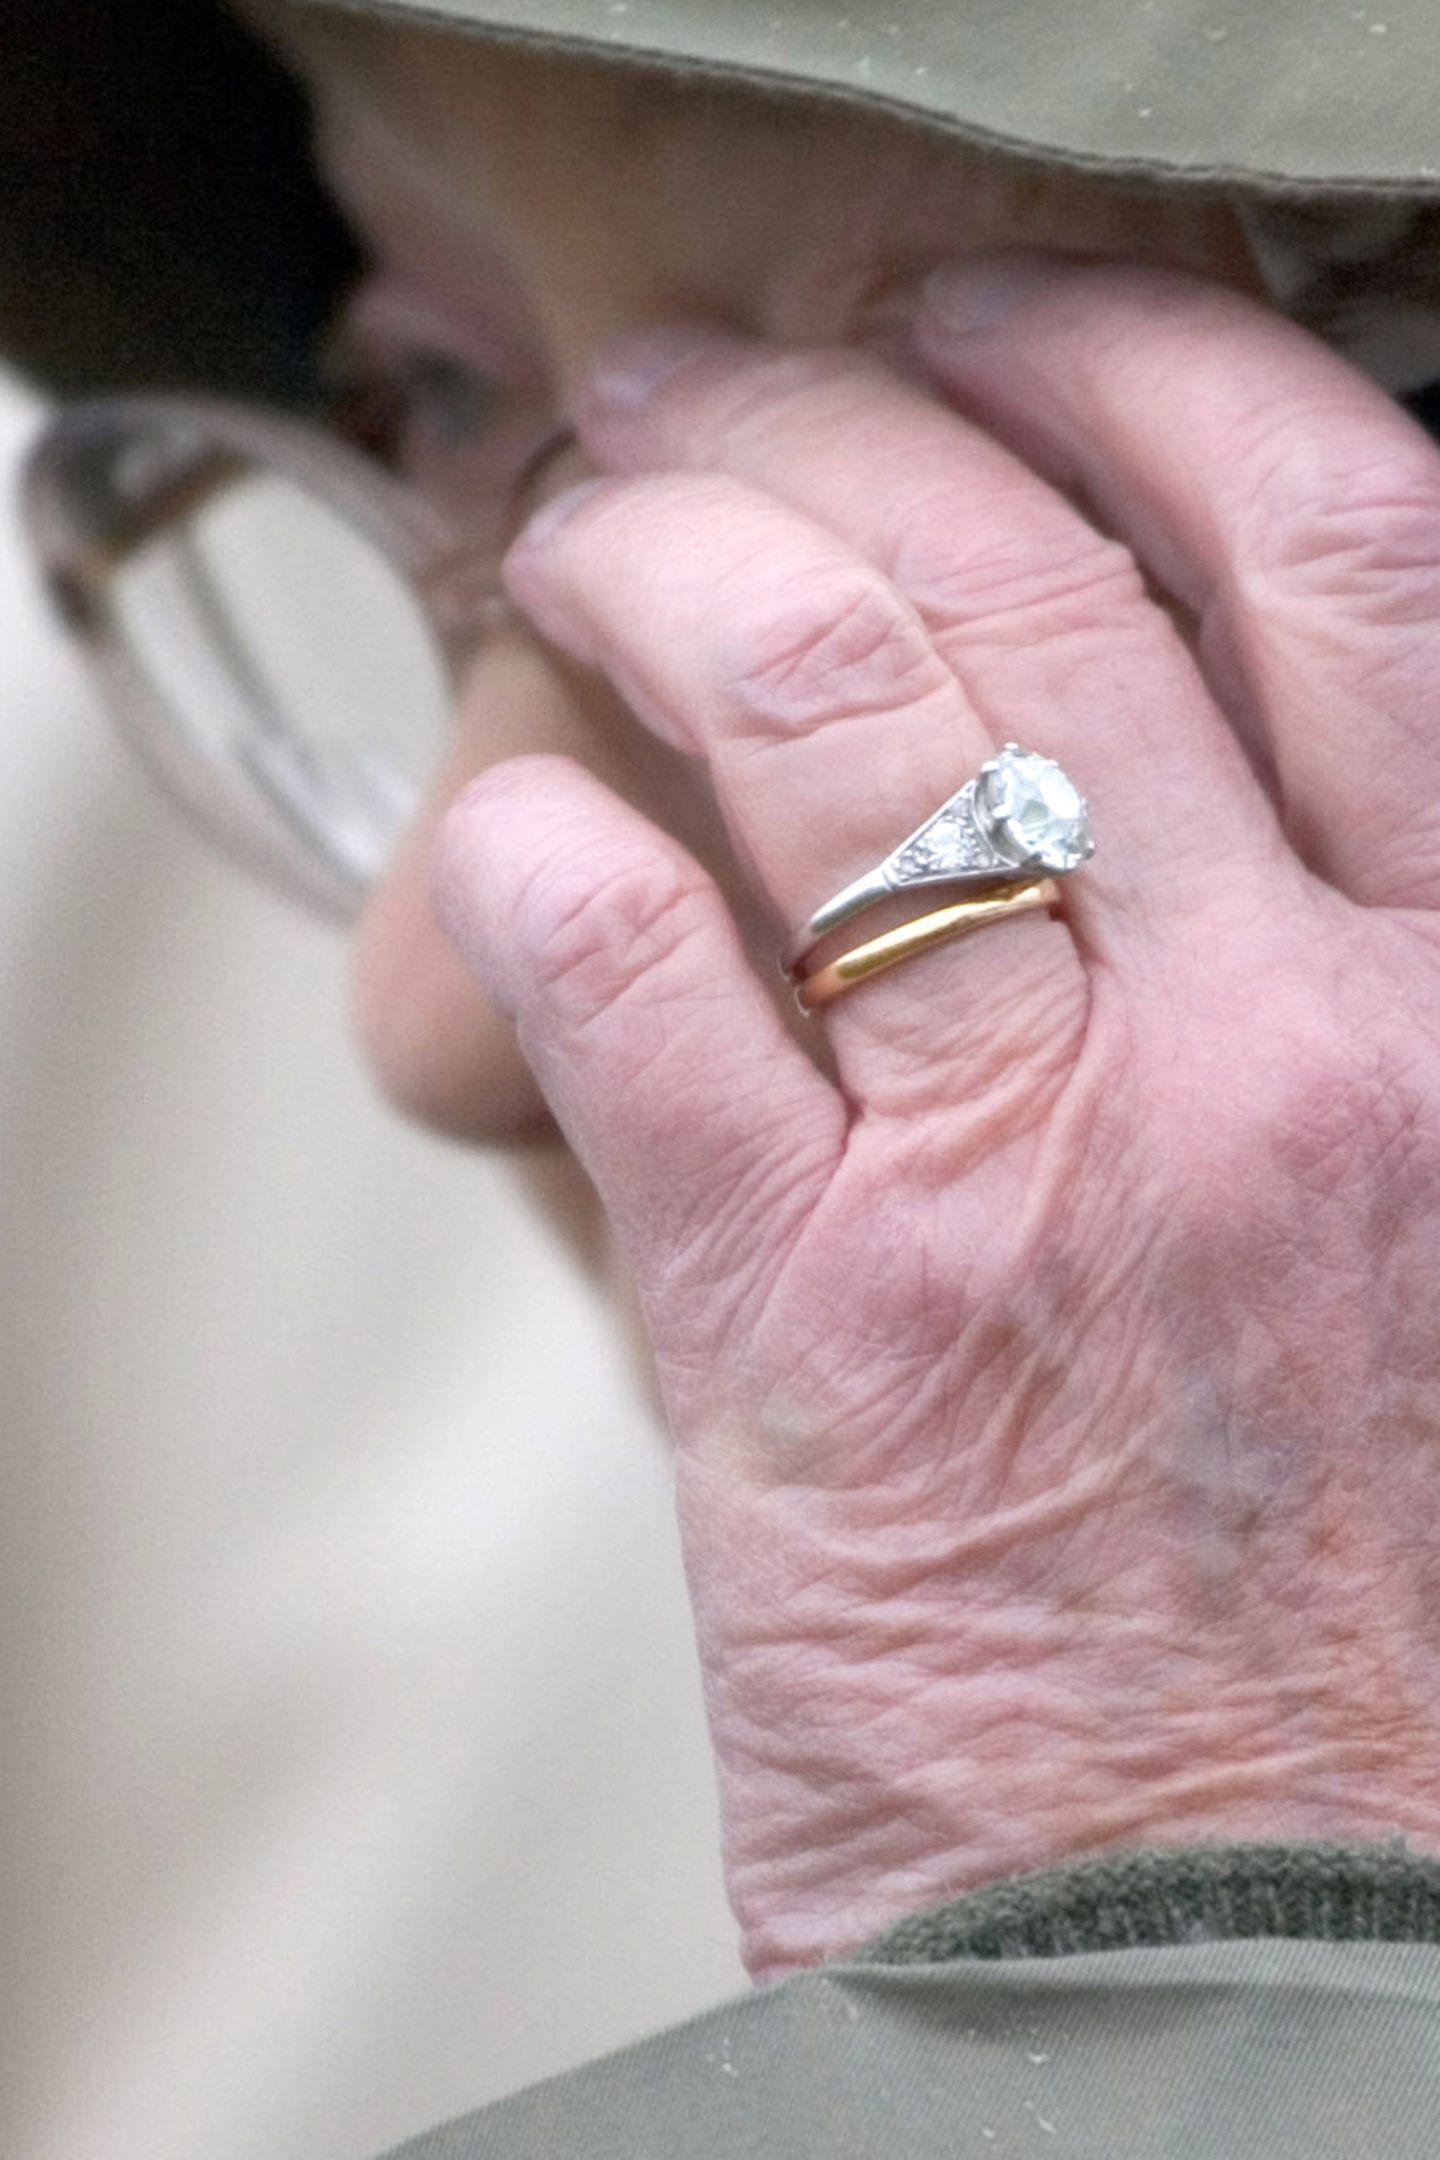 Auch im Jahr 2007 trägt Queen Elizabeth ihren Verlobungsring voller Stolz. Die vergangenen Jahrzehnte scheinen an ihm fast spurlos vorbeigegangen zu sein.